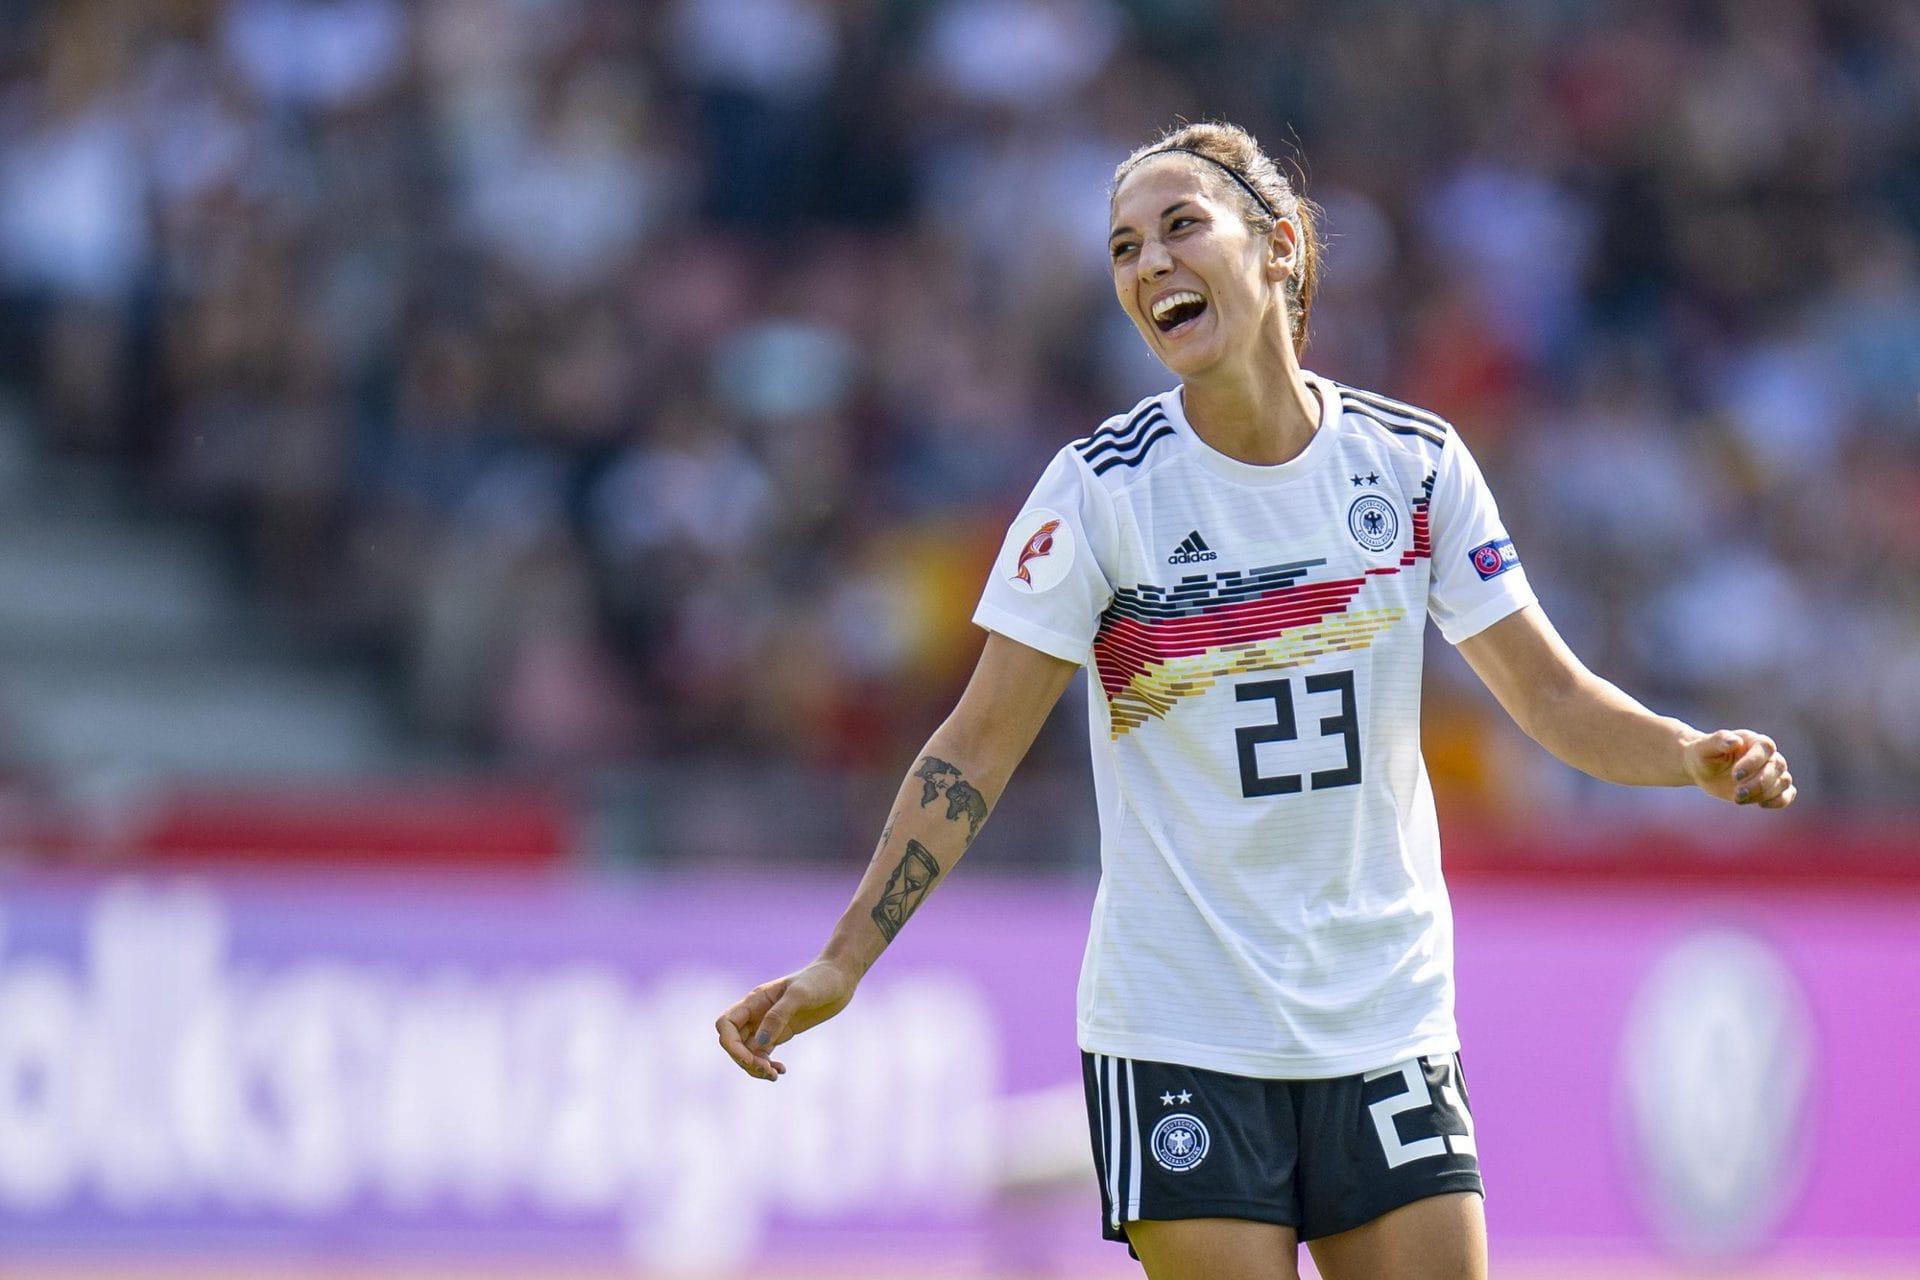 Doorsoun: Soll nie Thema sein, ob Mädels kicken dürfen Frauen-Fußball